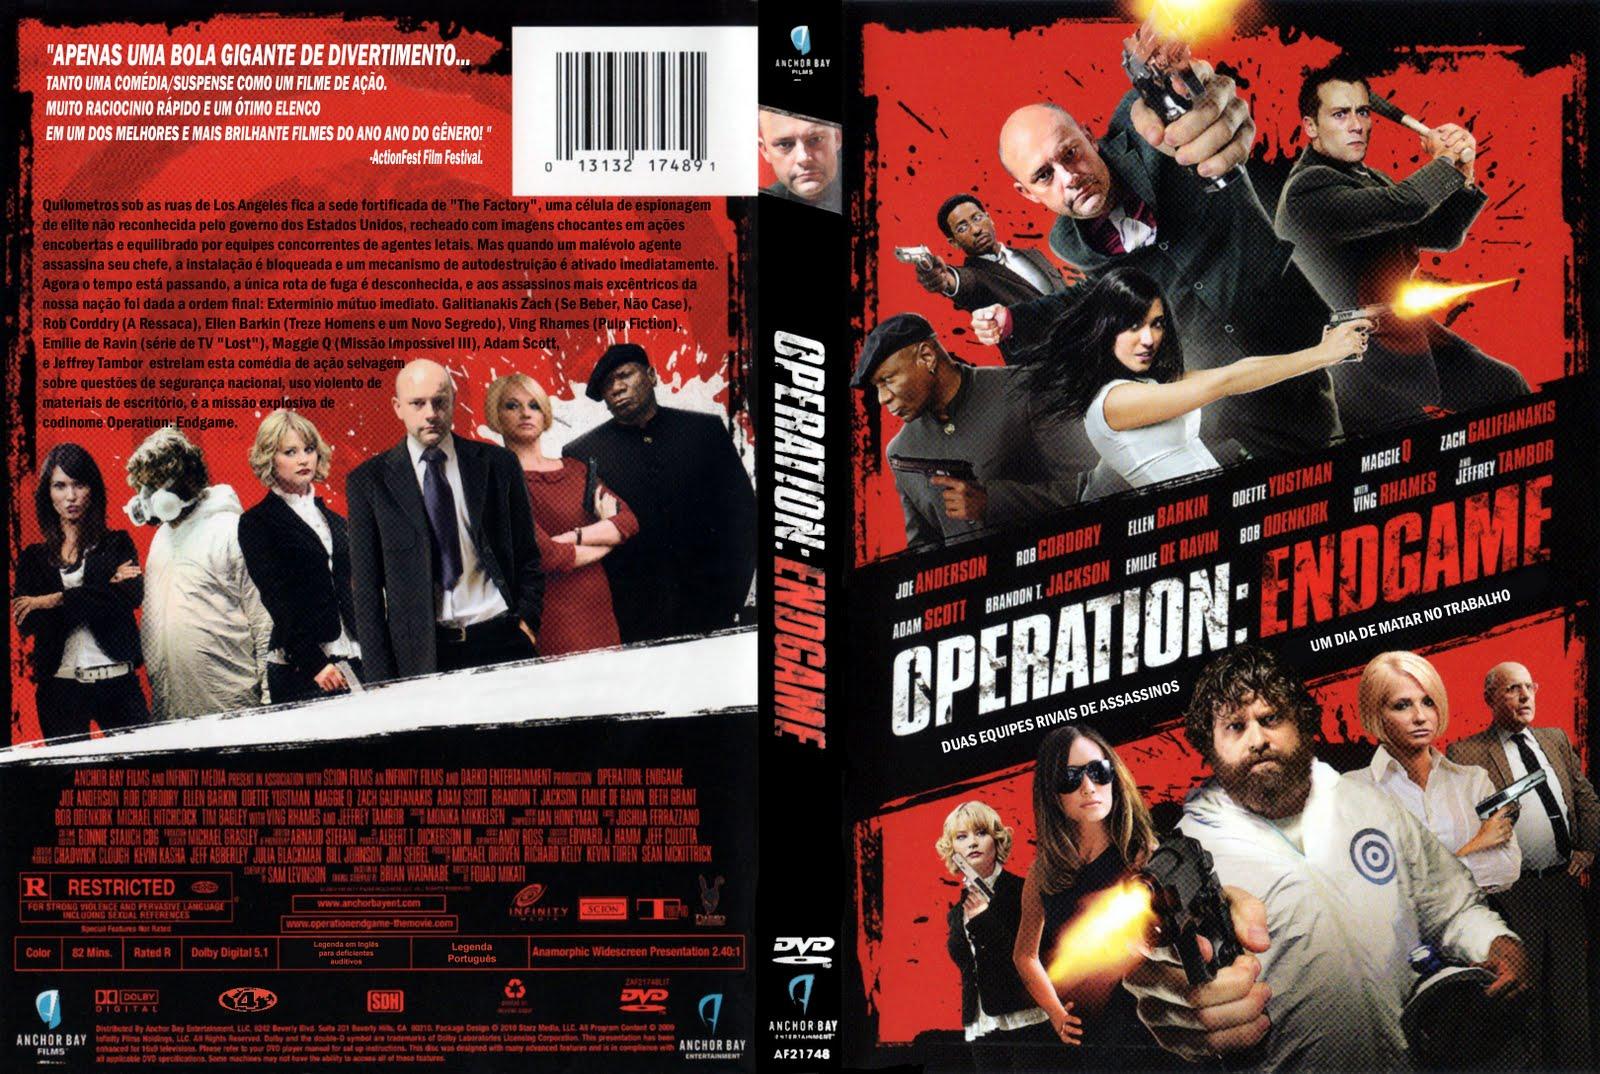 http://4.bp.blogspot.com/_Tgeb_LTYc0o/TGroGzdUx7I/AAAAAAAAAts/dp2nN2tkEDM/s1600/Operation%2BEndgame.jpg